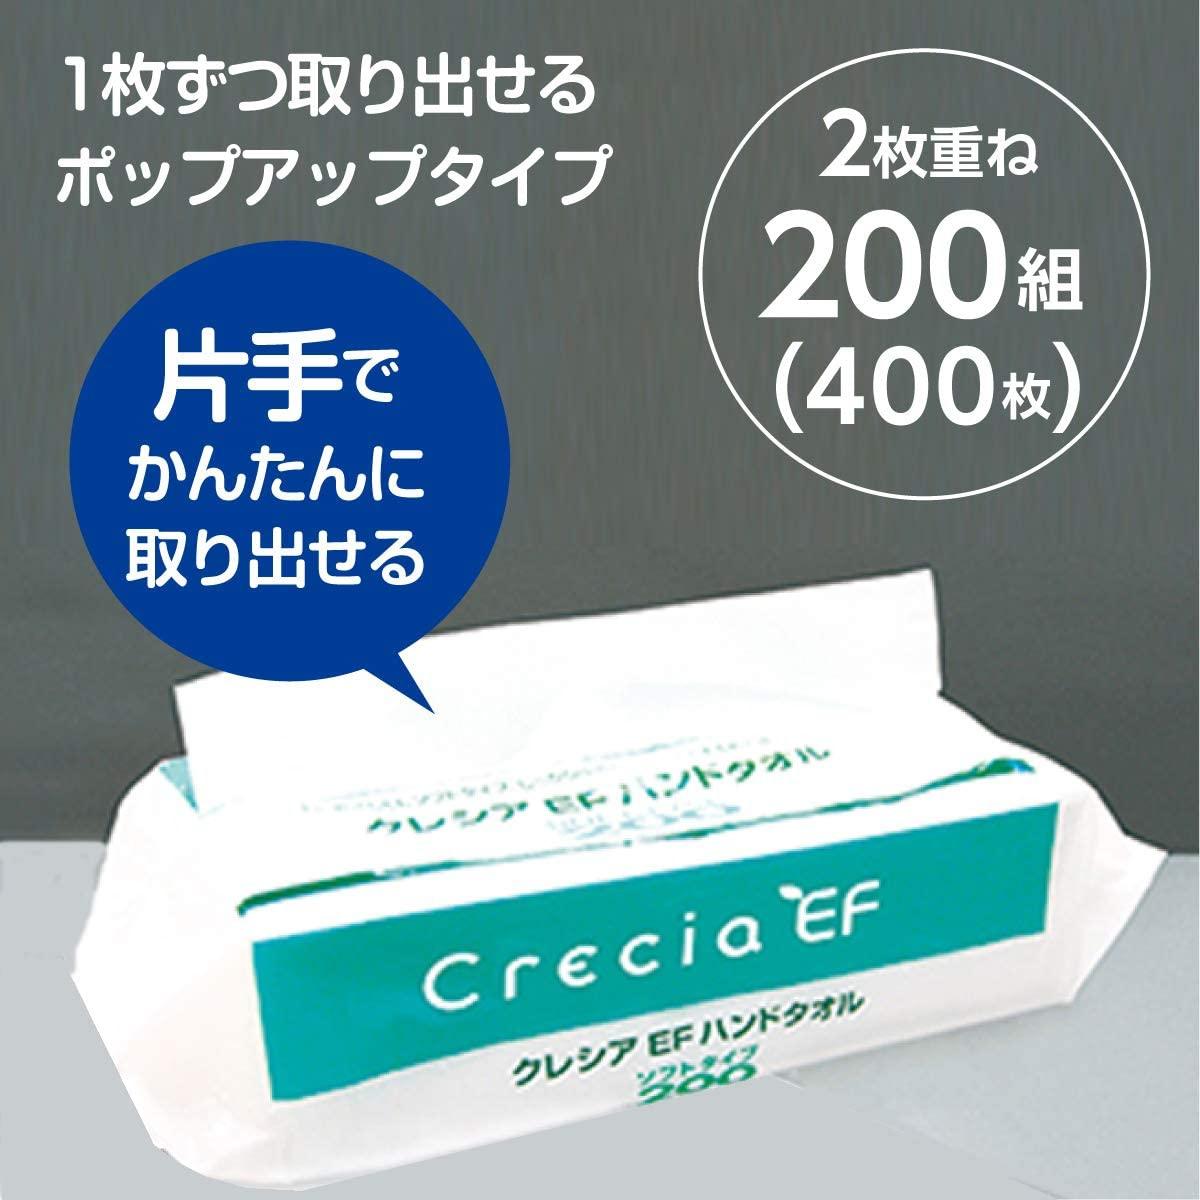 Crecia EF(クレシアEF) ハンドタオル ソフトタイプ200 200組(400枚)×3P 37005の商品画像2